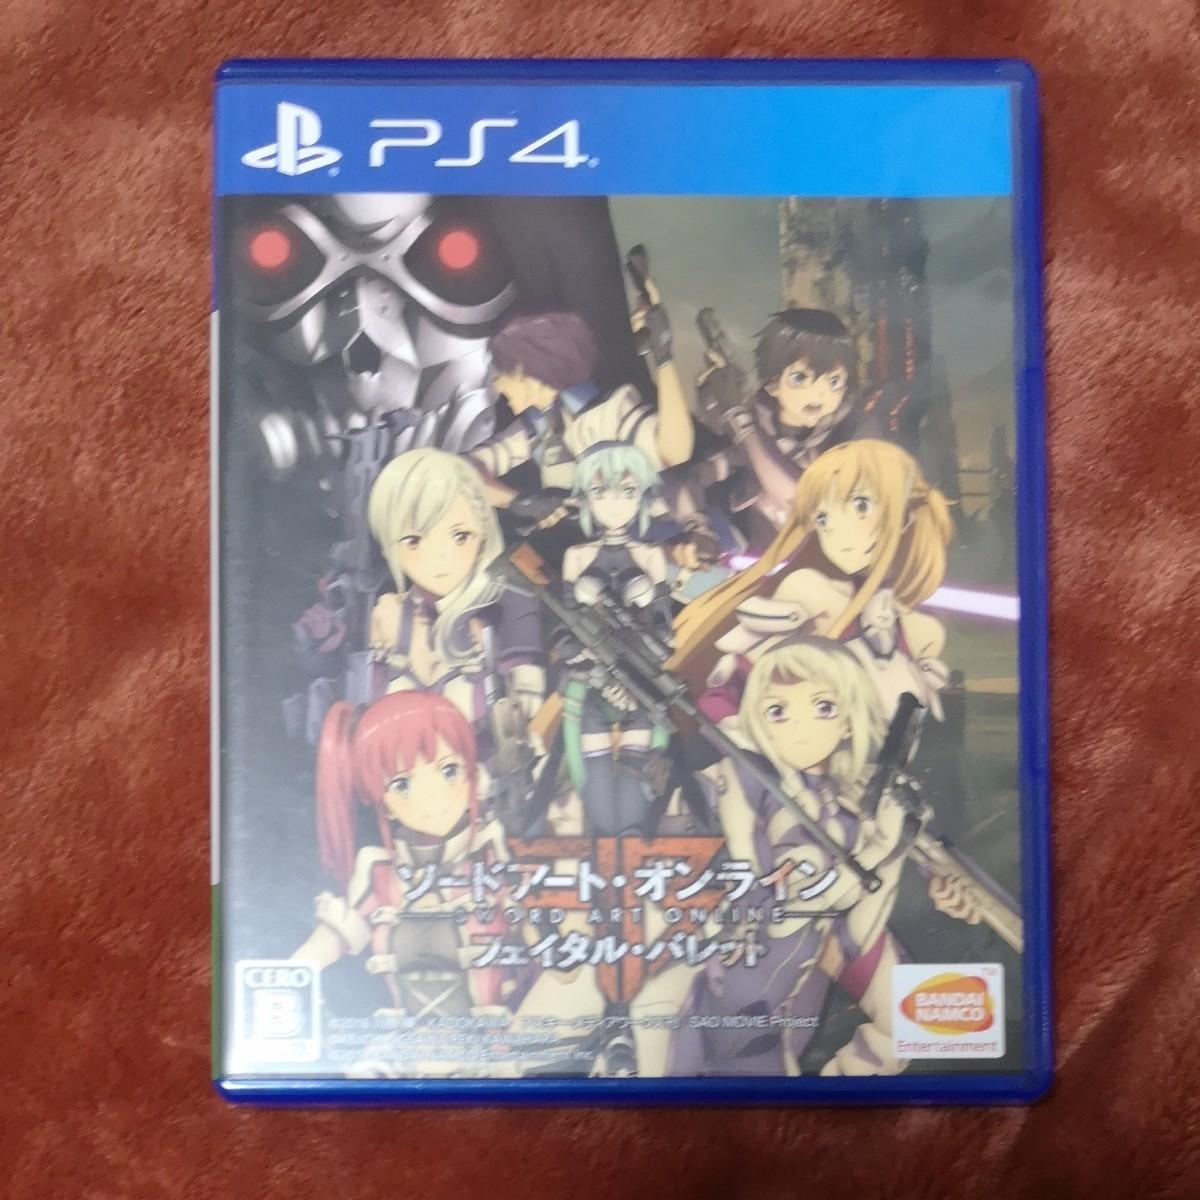 【PS4】 ソードアート・オンライン フェイタル・バレット [通常版] PS4ソフト SAO